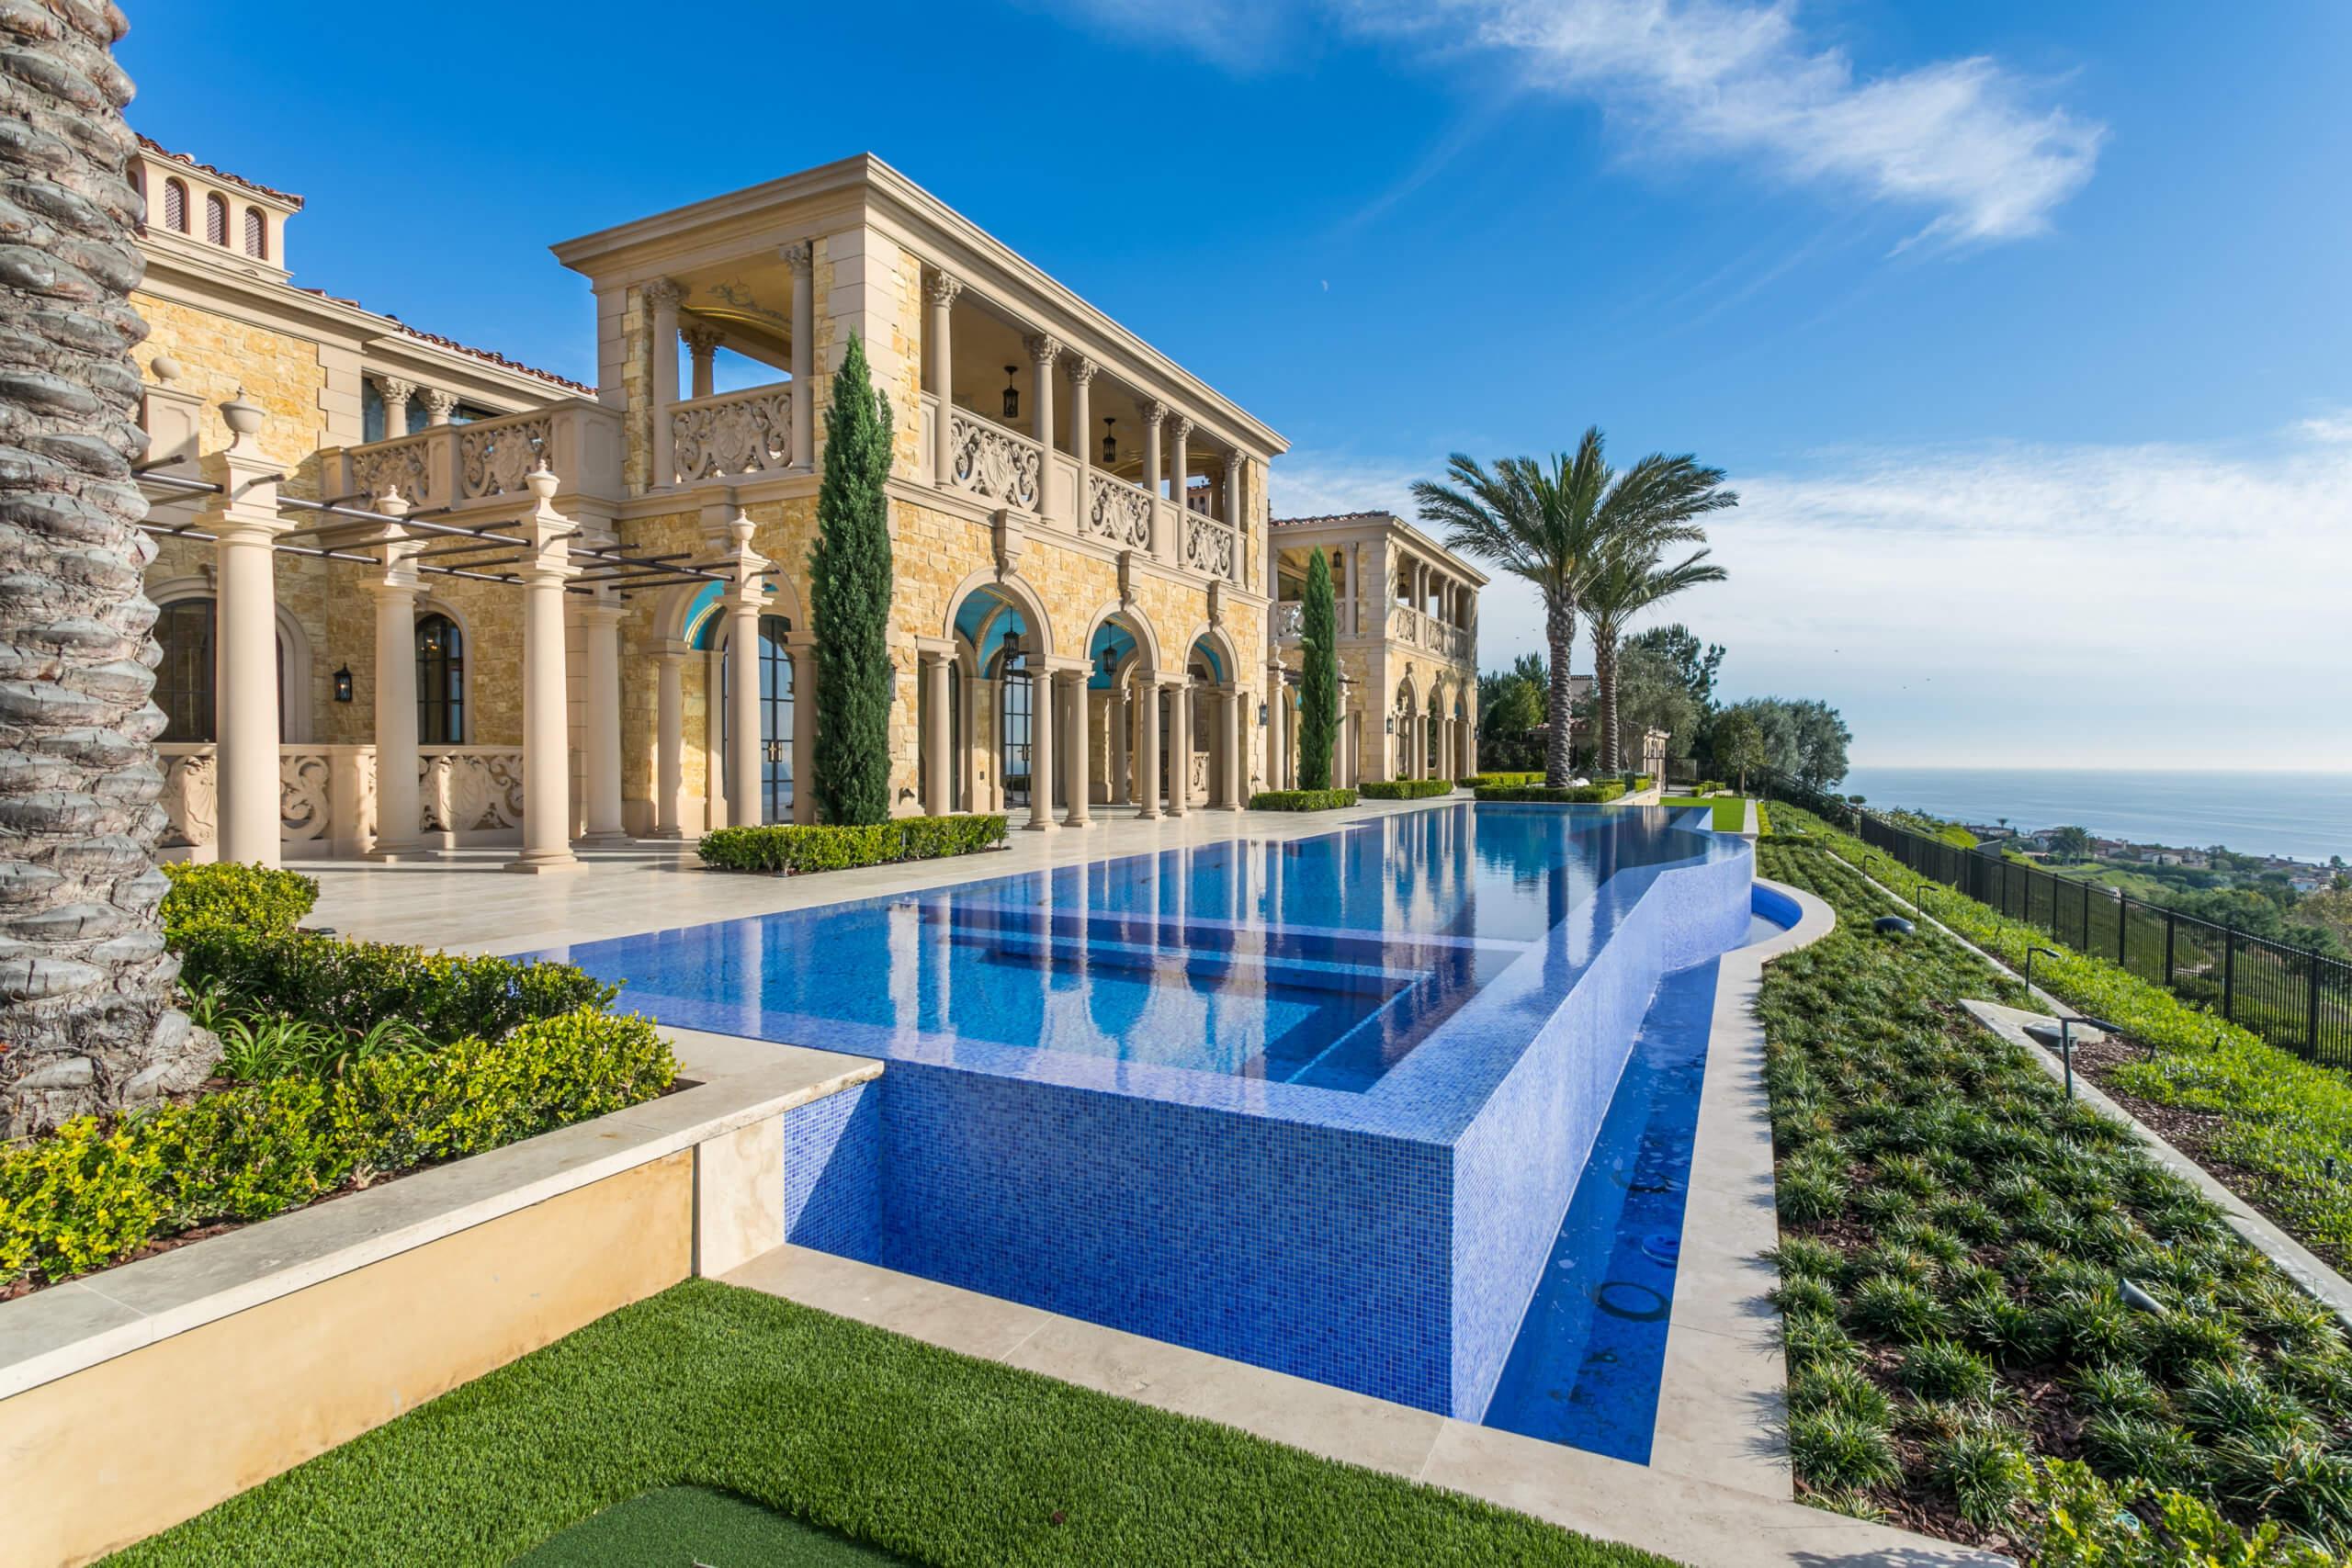 Villa de Hermosa 2